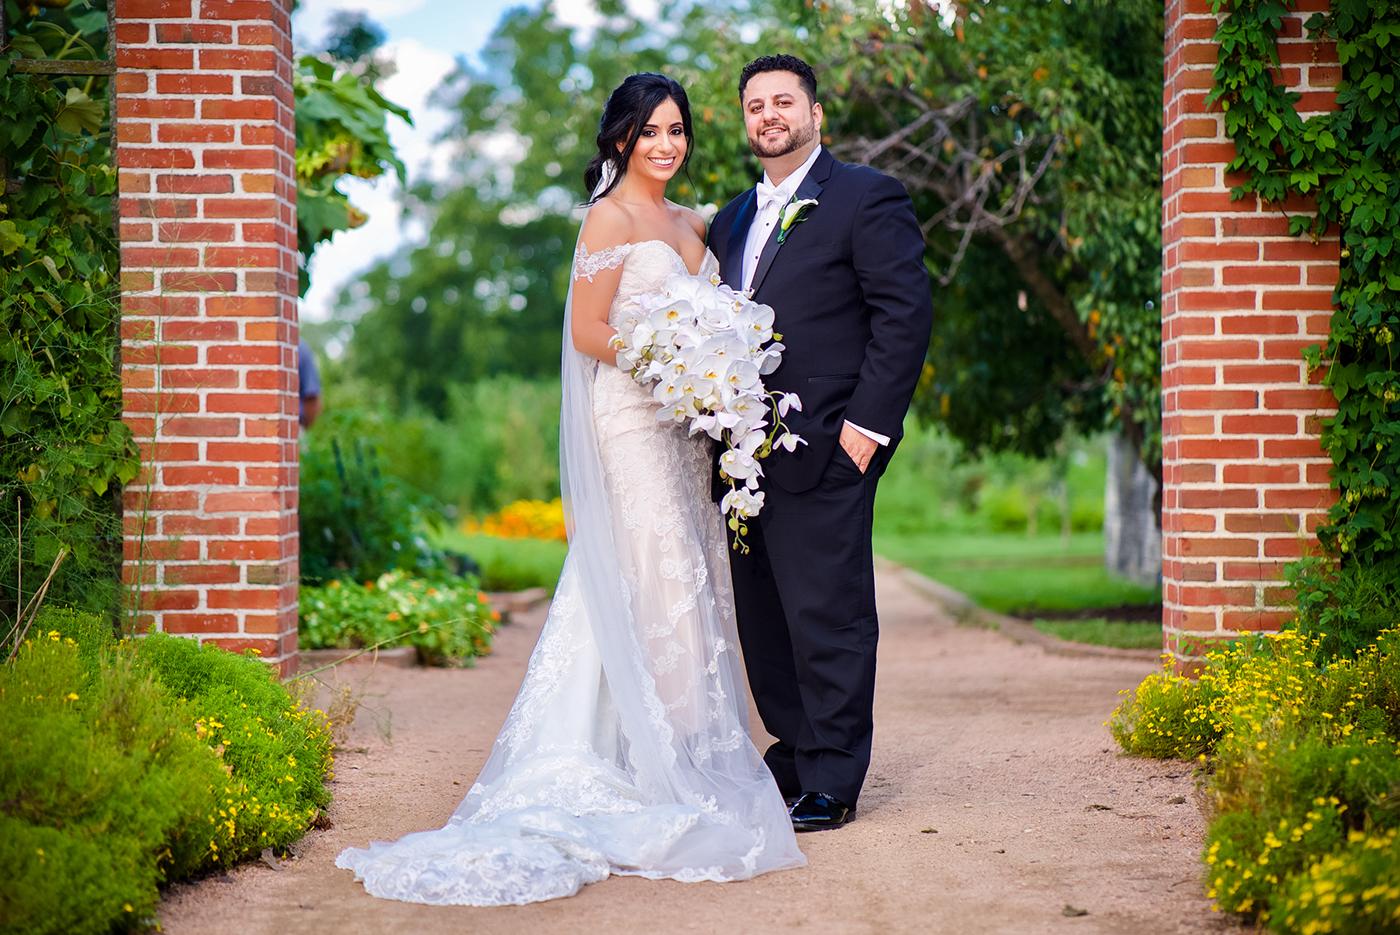 wedding Wedding photo Wedding Photography Chicago wedding photography midwest wedding photography